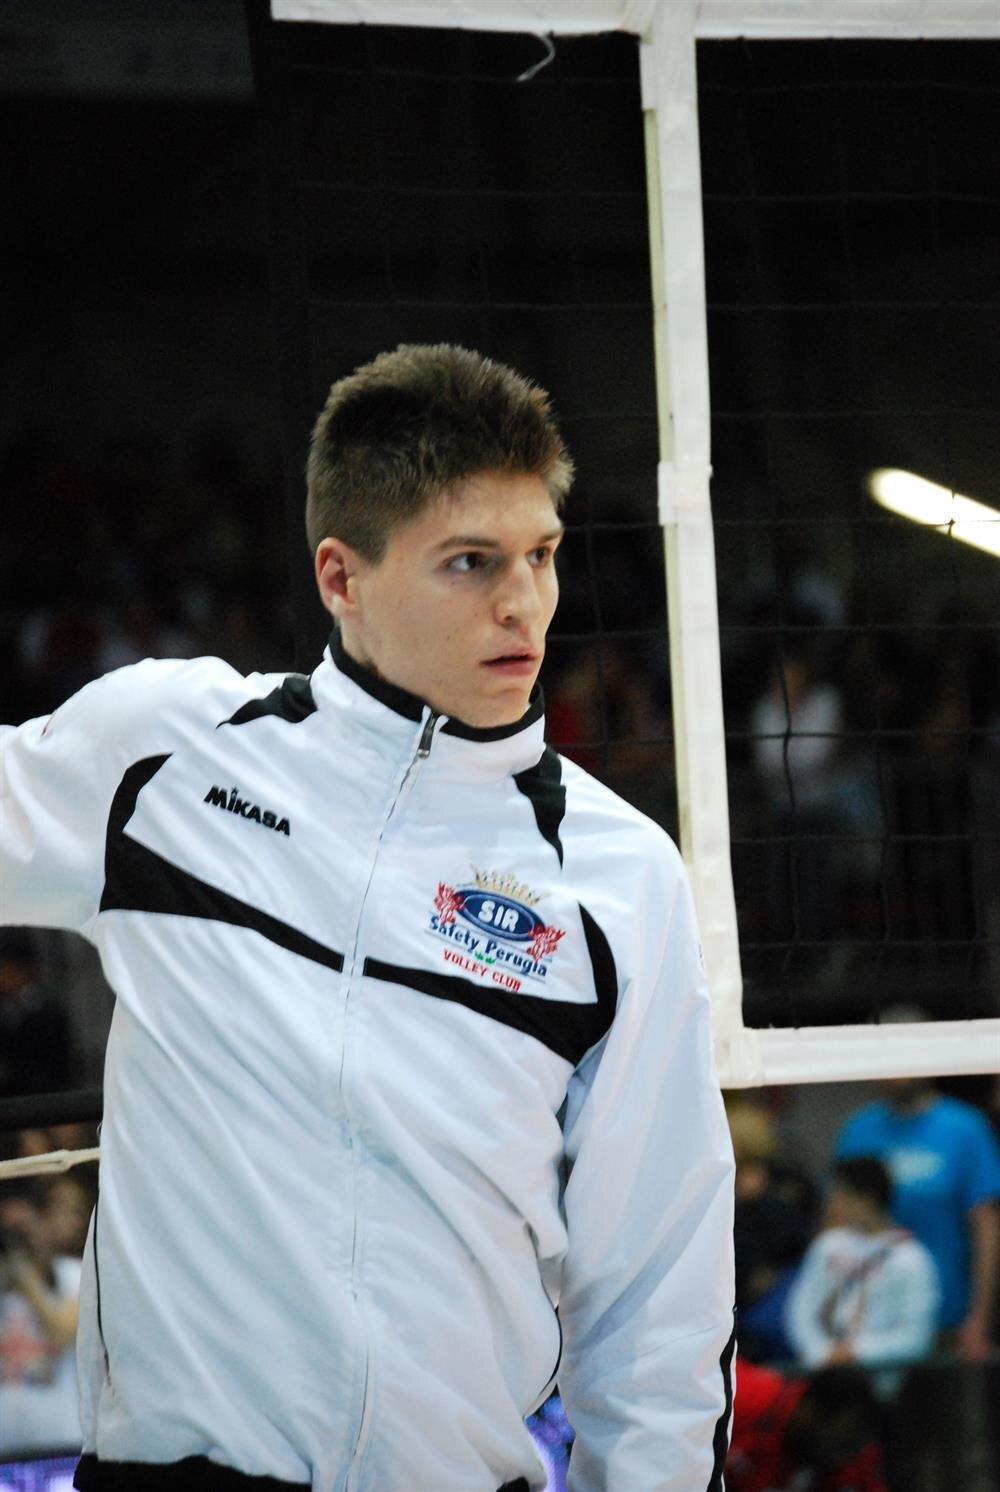 Konstantin Cupkovic yetenekleriyle dikkat çeken bir sporcu.